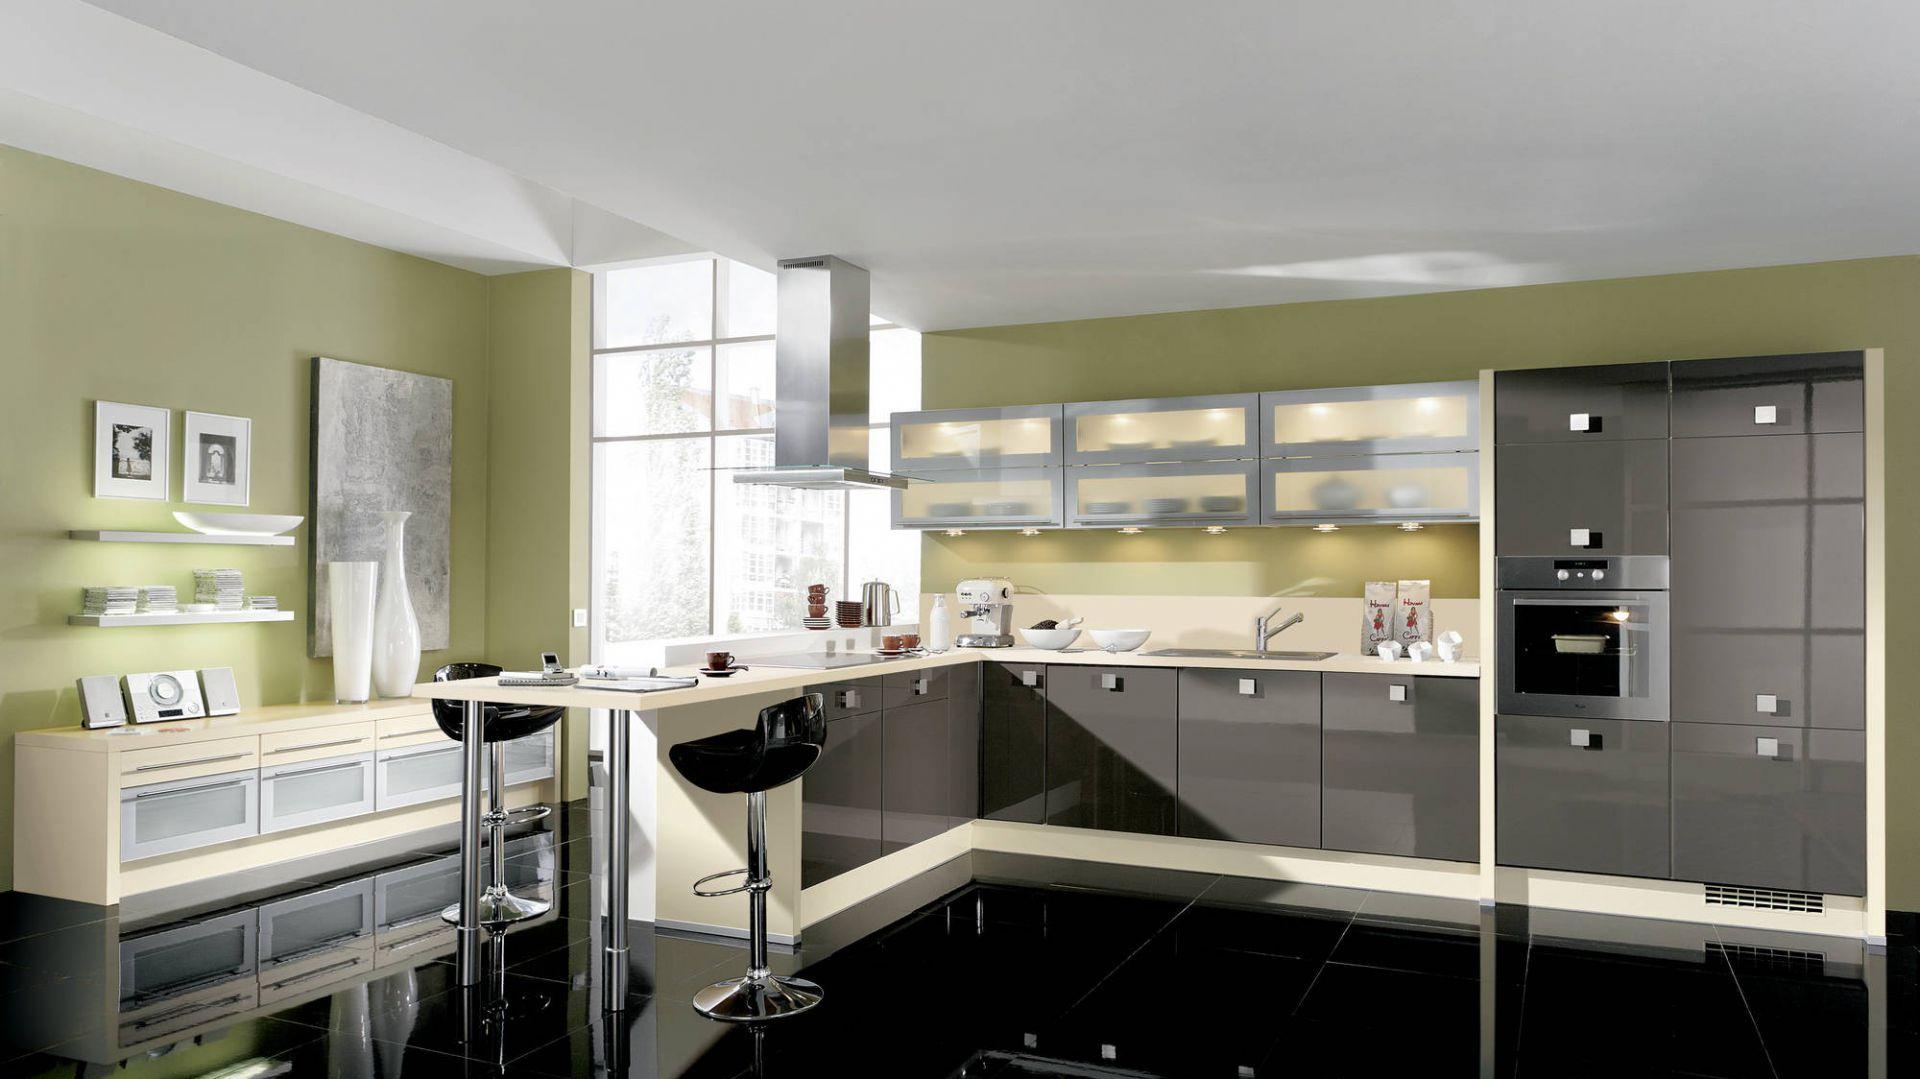 Meble kuchenne z programu 15 pomysłów na zieloną   -> Kuchnia Ikea Zielona